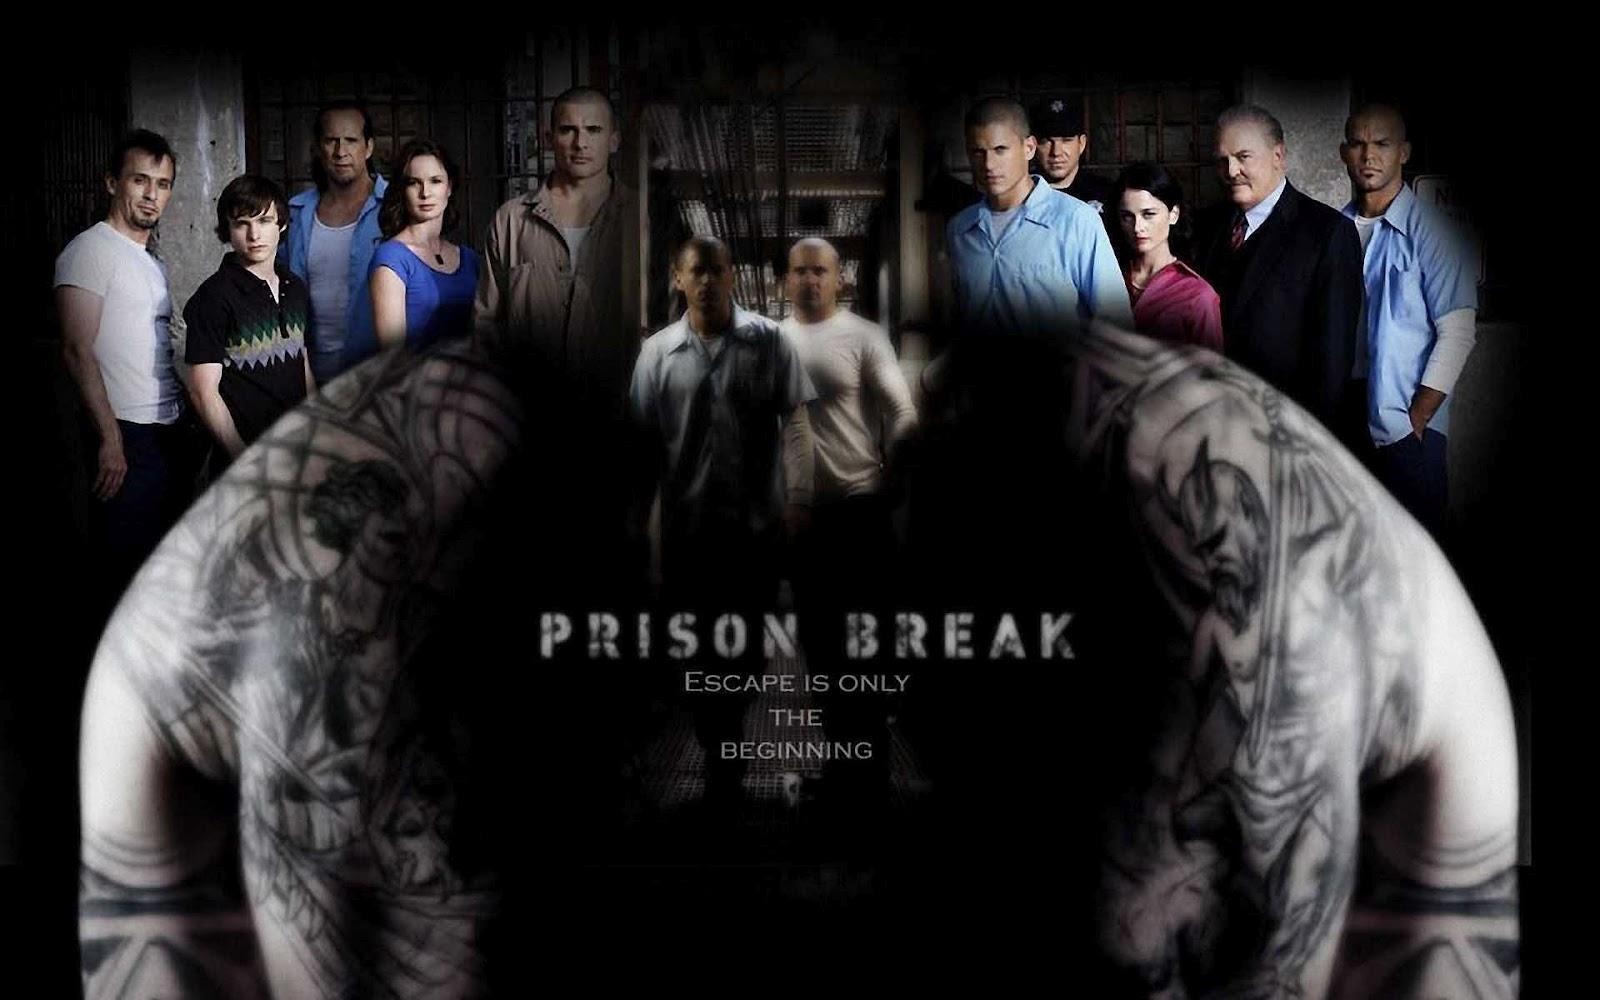 prison break wallpapers hd prison break wallpaper backgrounds 28jpg 1600x1000